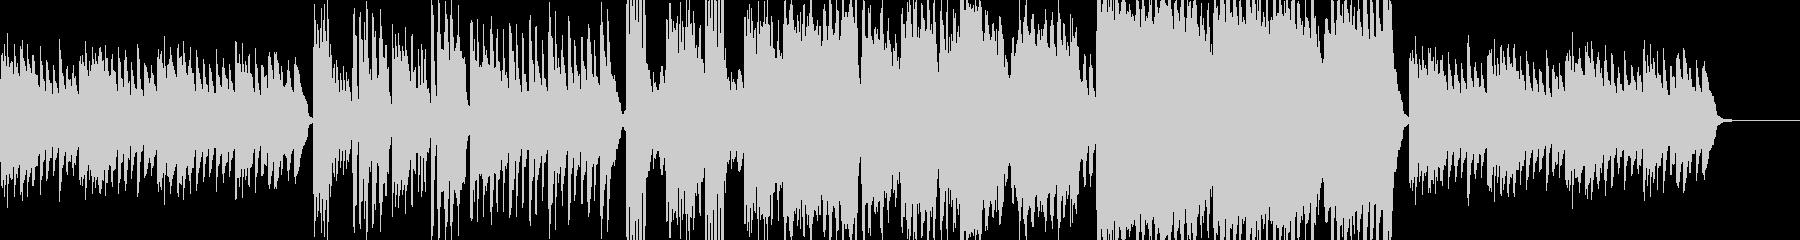 物悲しいハープシコードのホラー曲の未再生の波形